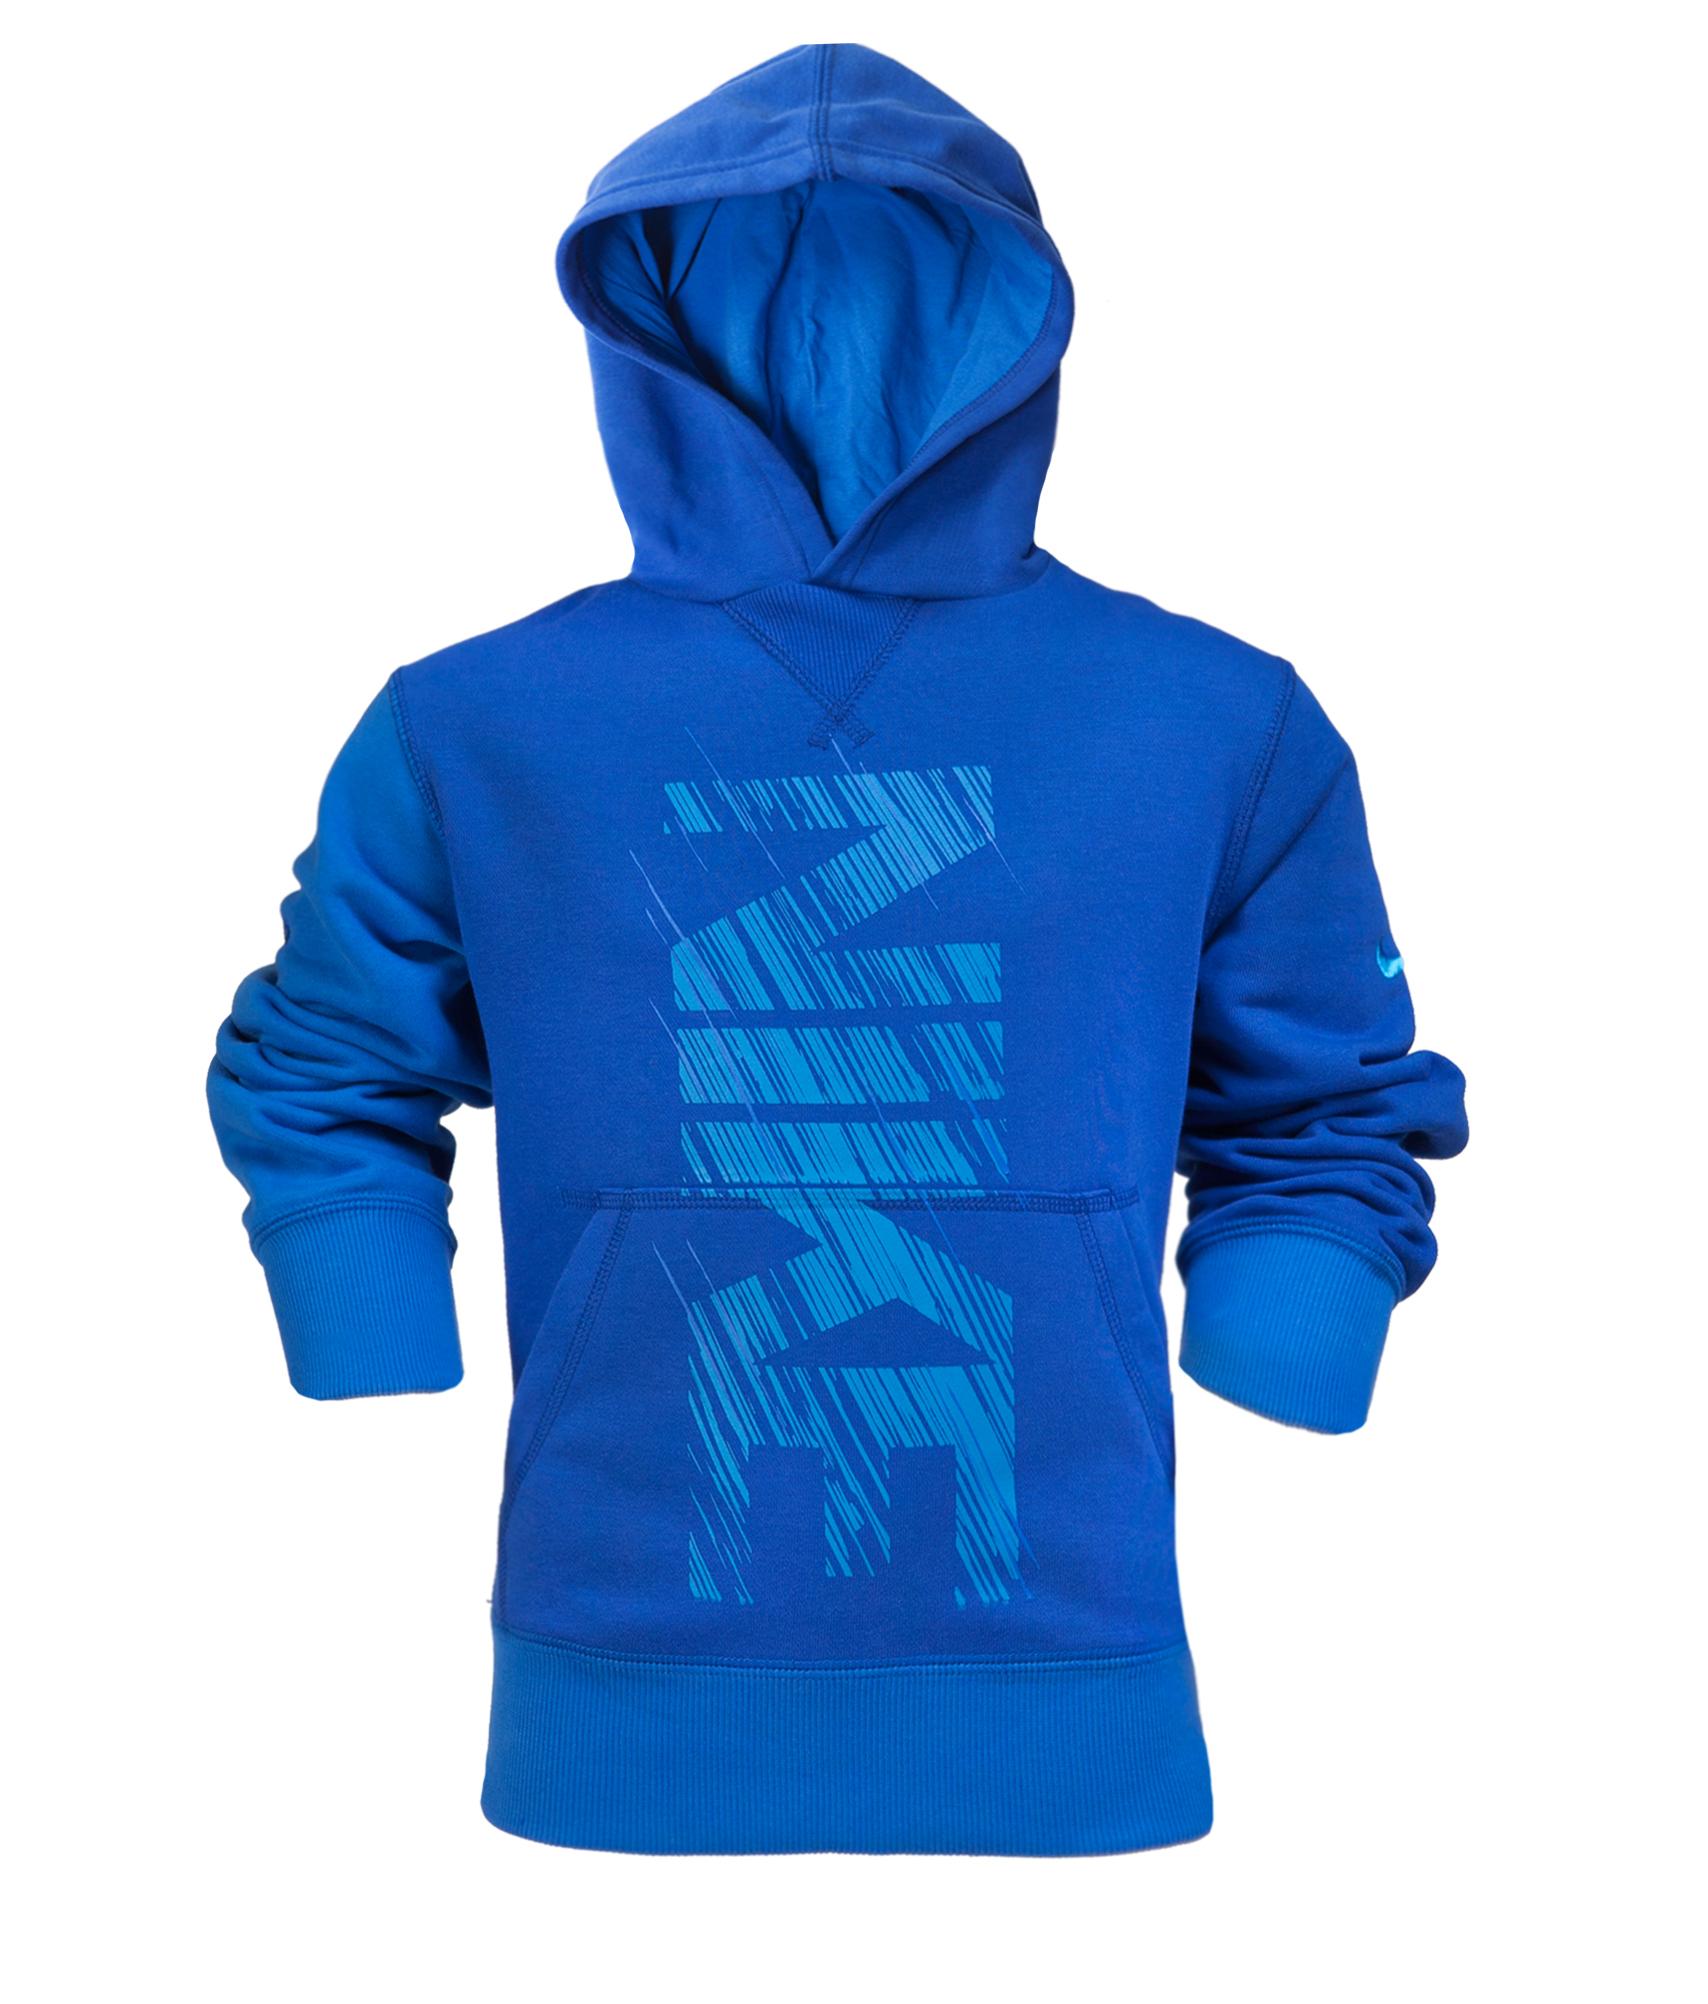 Толстовка детская Nike, сине-голубой, Цвет-Сине-Голубой, Размер-S